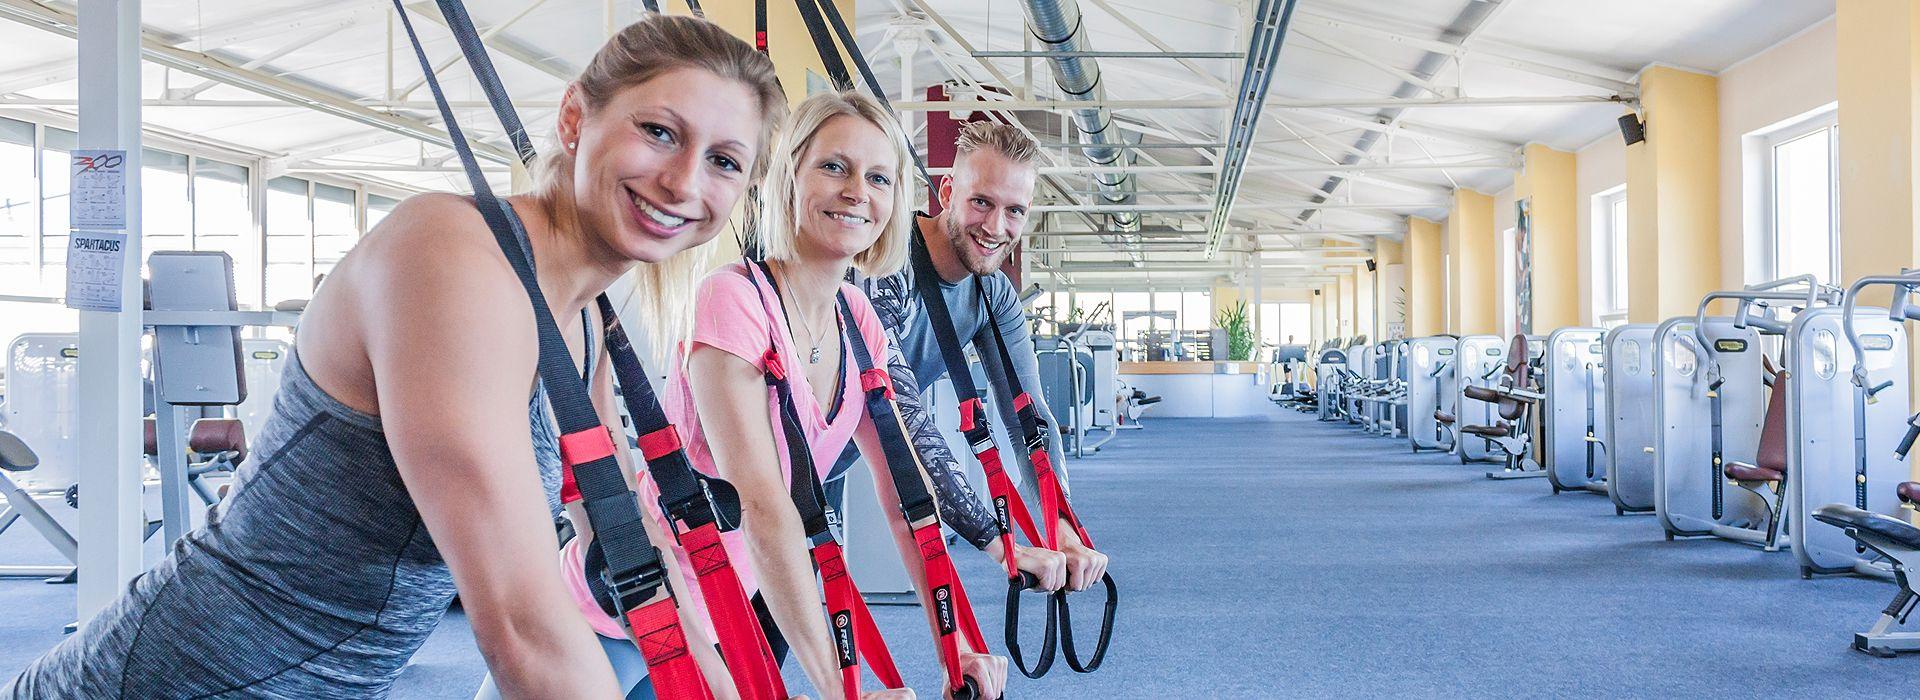 Fitness Solingen in einem erstklassigen Fitnessstudio